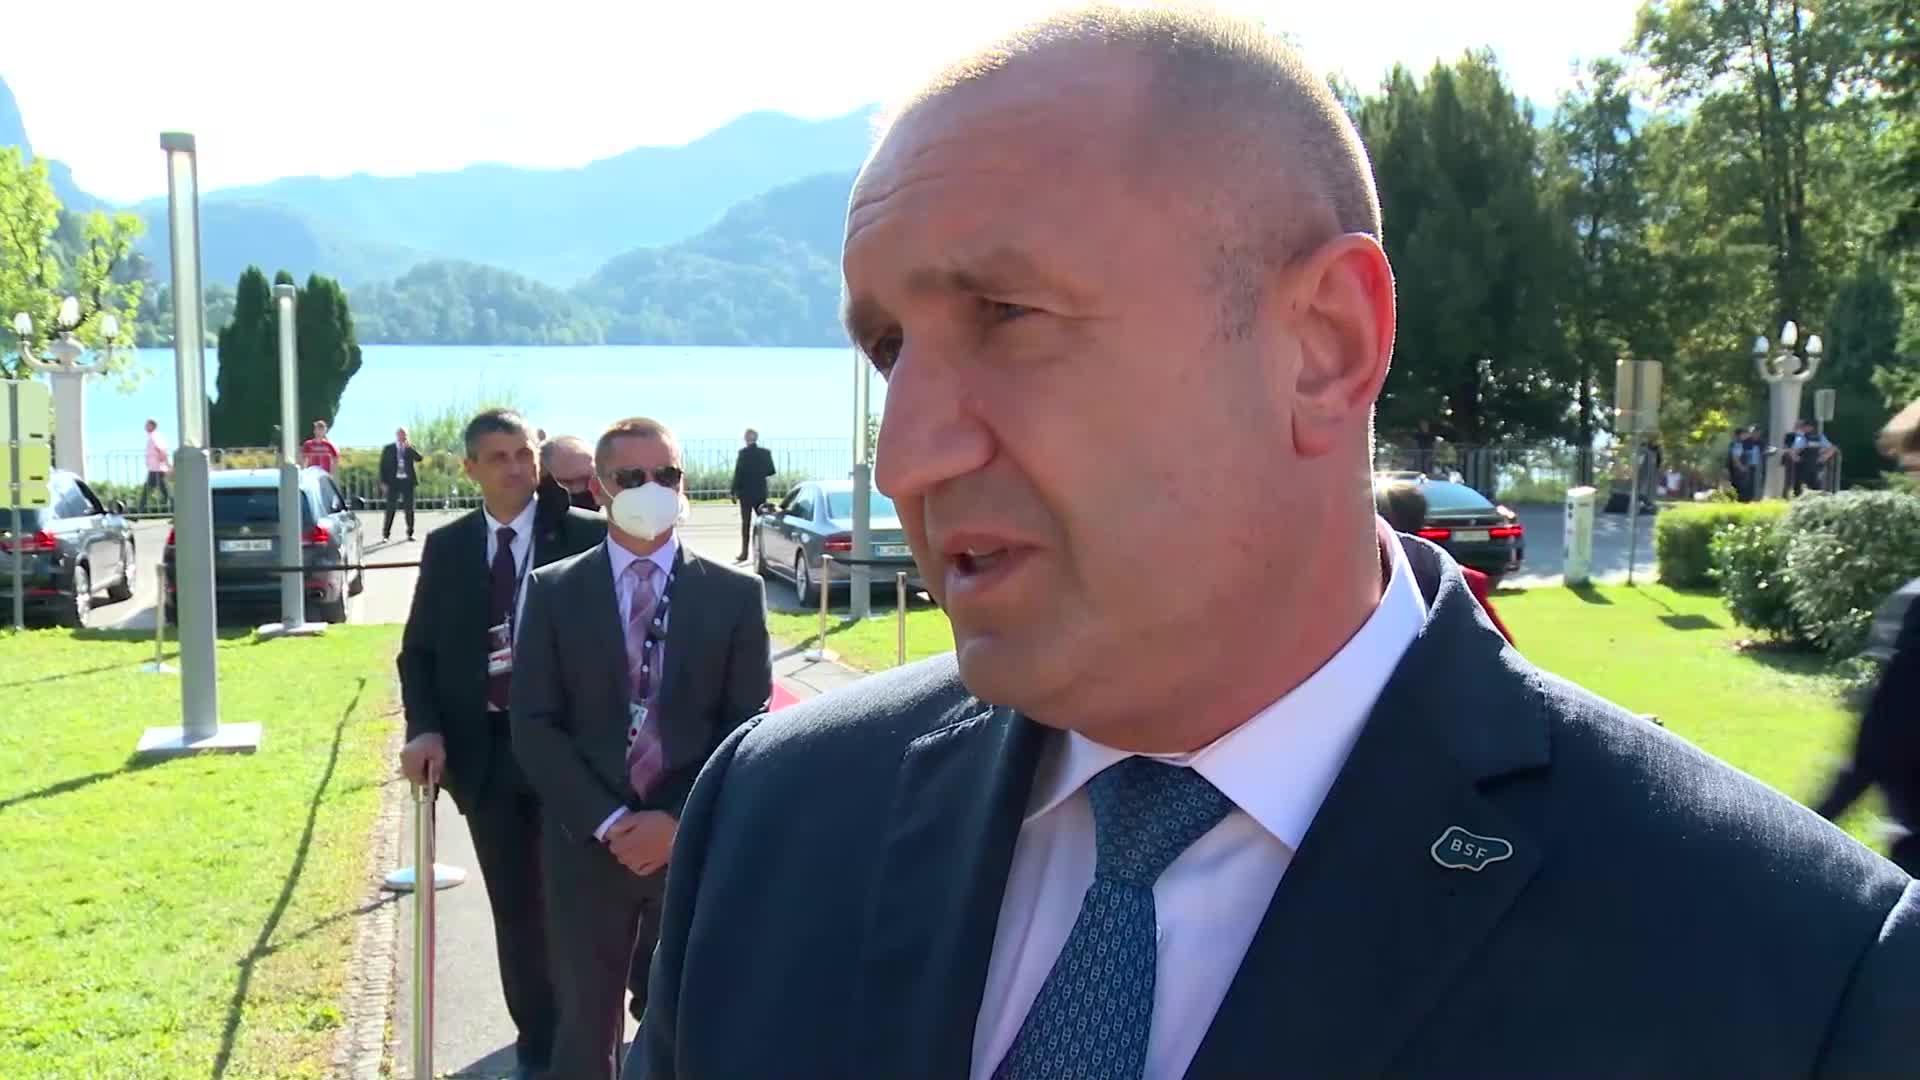 Радев за Северна Македония: Очакванията за компромис от наша страна растат непрекъснато